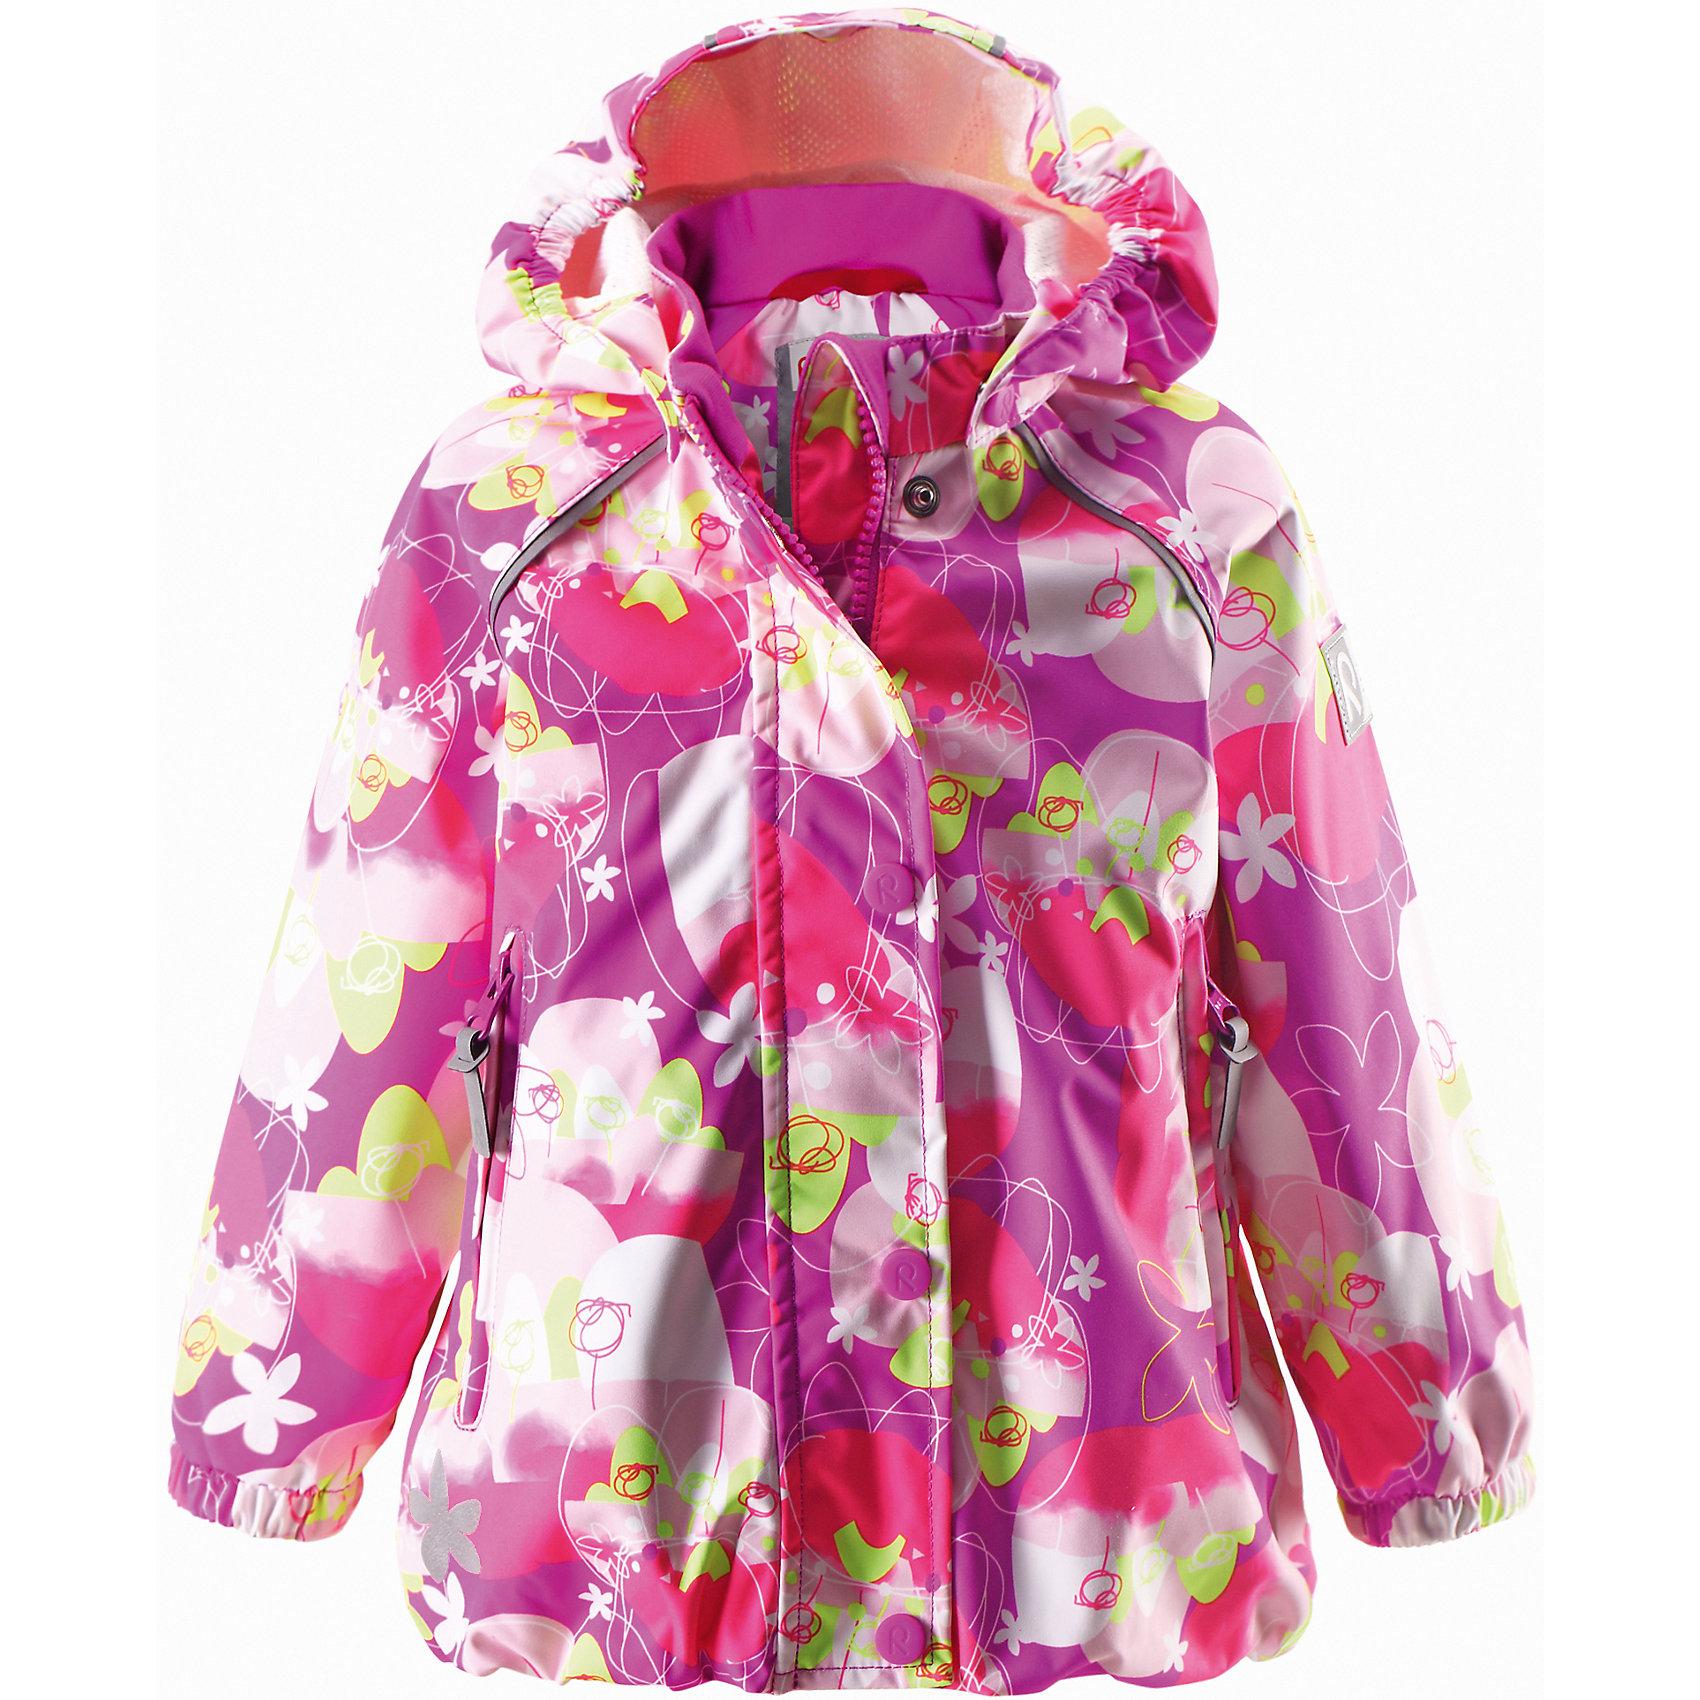 Куртка для девочки ReimaКуртка Reimatec от финской марки Reima.<br>*Куртка демисезонная для малышей*Все швы проклеены и водонепроницаемы*Водо- и ветронепроницаемый, «дышащий» и грязеотталкивающий материал*Подкладка из mesh-сетки*Безопасный, съемный капюшон*Регулируемый подол*Два кармана на молнии*Безопасные светоотражающие детали<br>Состав:<br>100% ПЭ, ПУ-покрытие<br><br>Ширина мм: 356<br>Глубина мм: 10<br>Высота мм: 245<br>Вес г: 519<br>Цвет: фуксия<br>Возраст от месяцев: 9<br>Возраст до месяцев: 12<br>Пол: Женский<br>Возраст: Детский<br>Размер: 80,98,92,86<br>SKU: 4631344